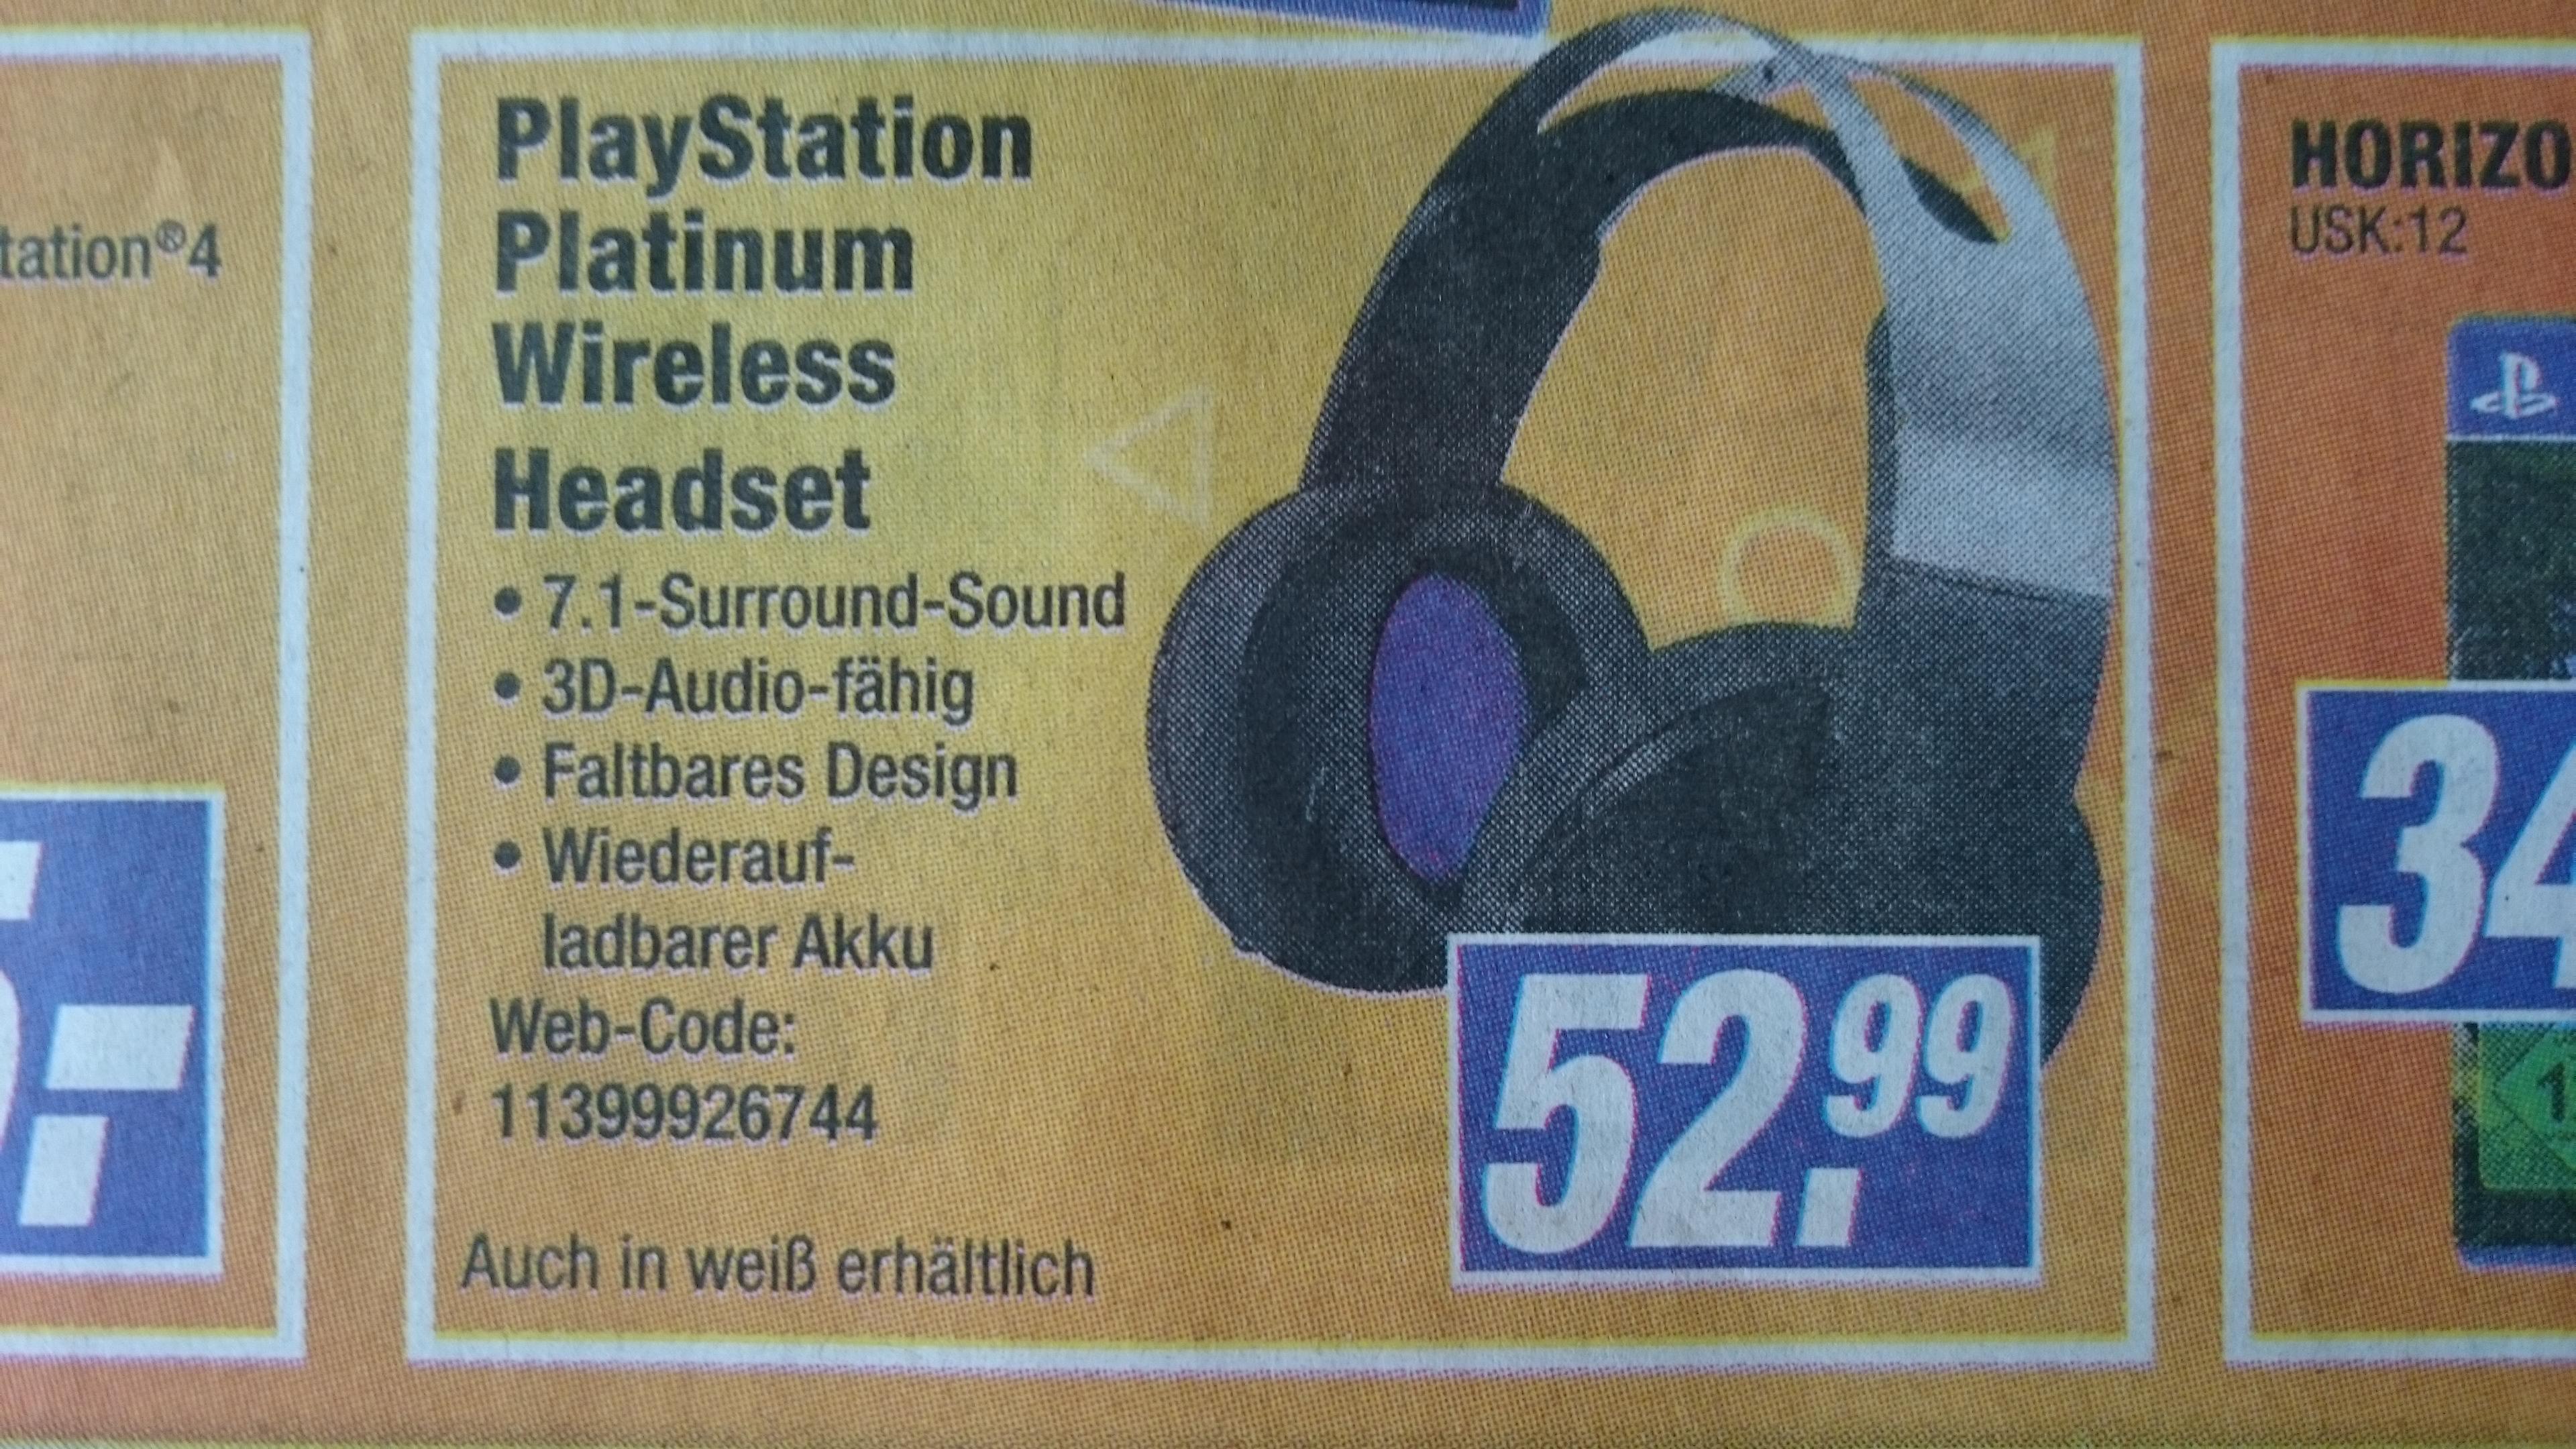 PS4 Playstation PLATINUM Wireless Headset für NUR 52,99€ statt 149,99€ Expert Ibbenbüren [Lokal?]